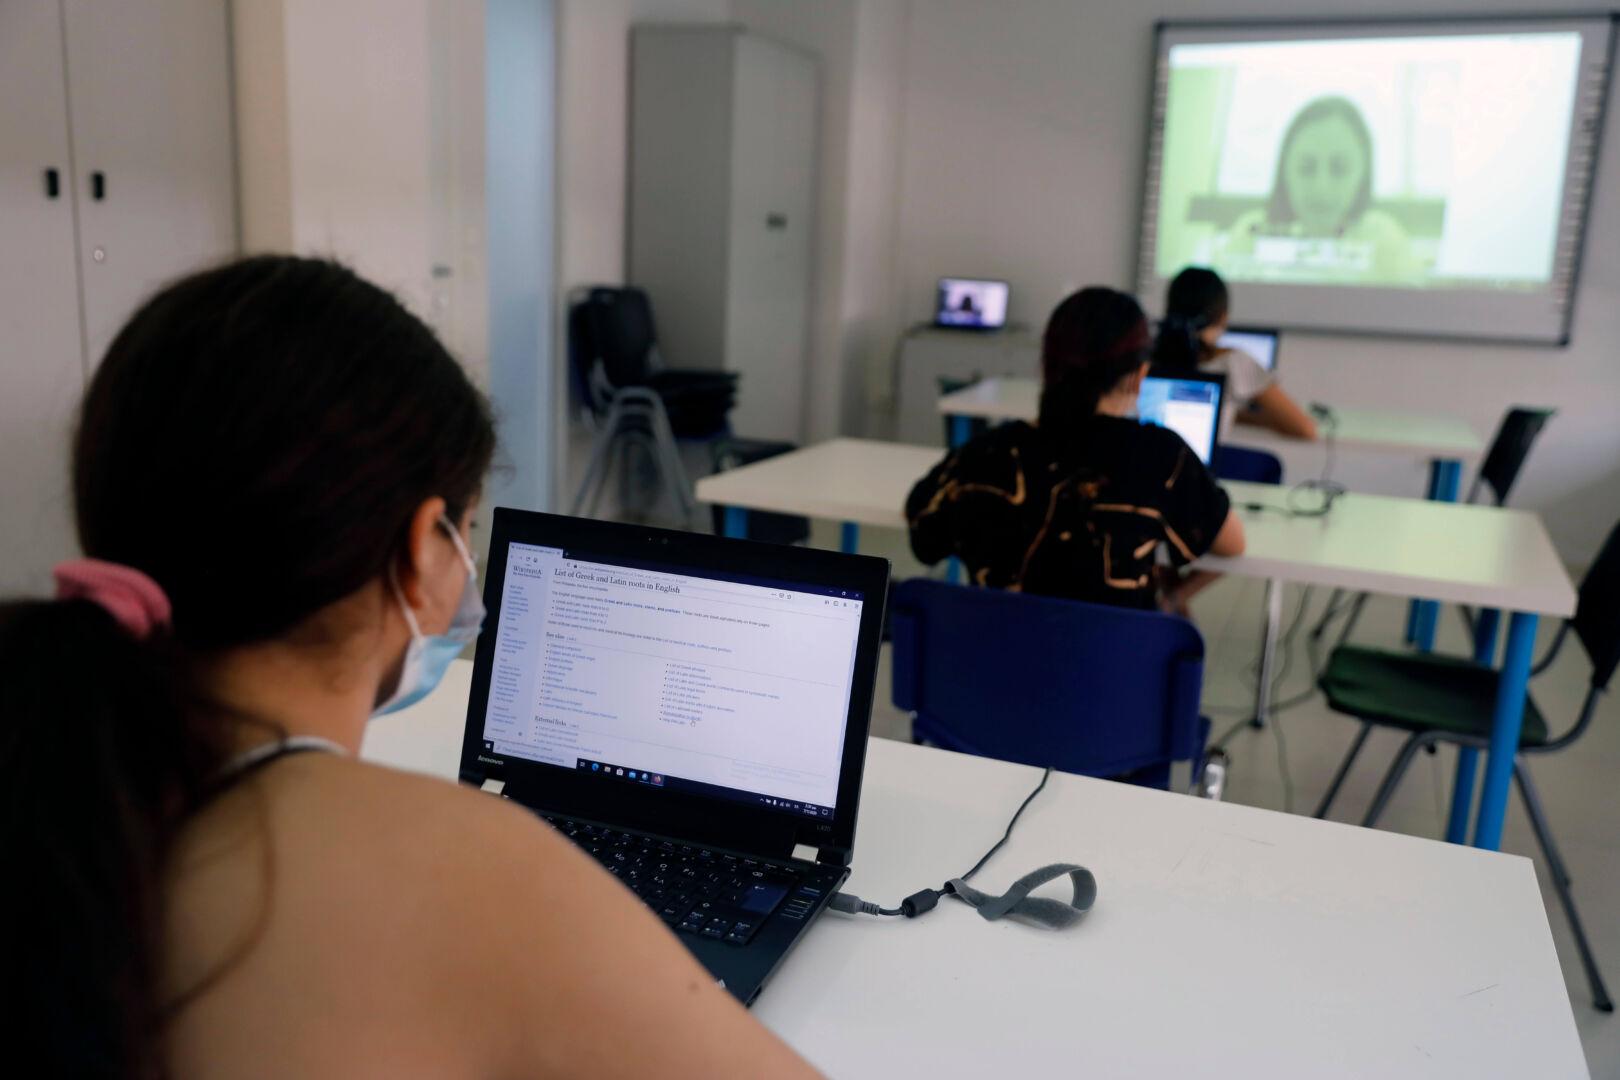 Παιδικά Χωριά SOS – INCO Education Accelerator: Εκπαιδεύουν ψηφιακά τα παιδιά με την στήριξη της Google